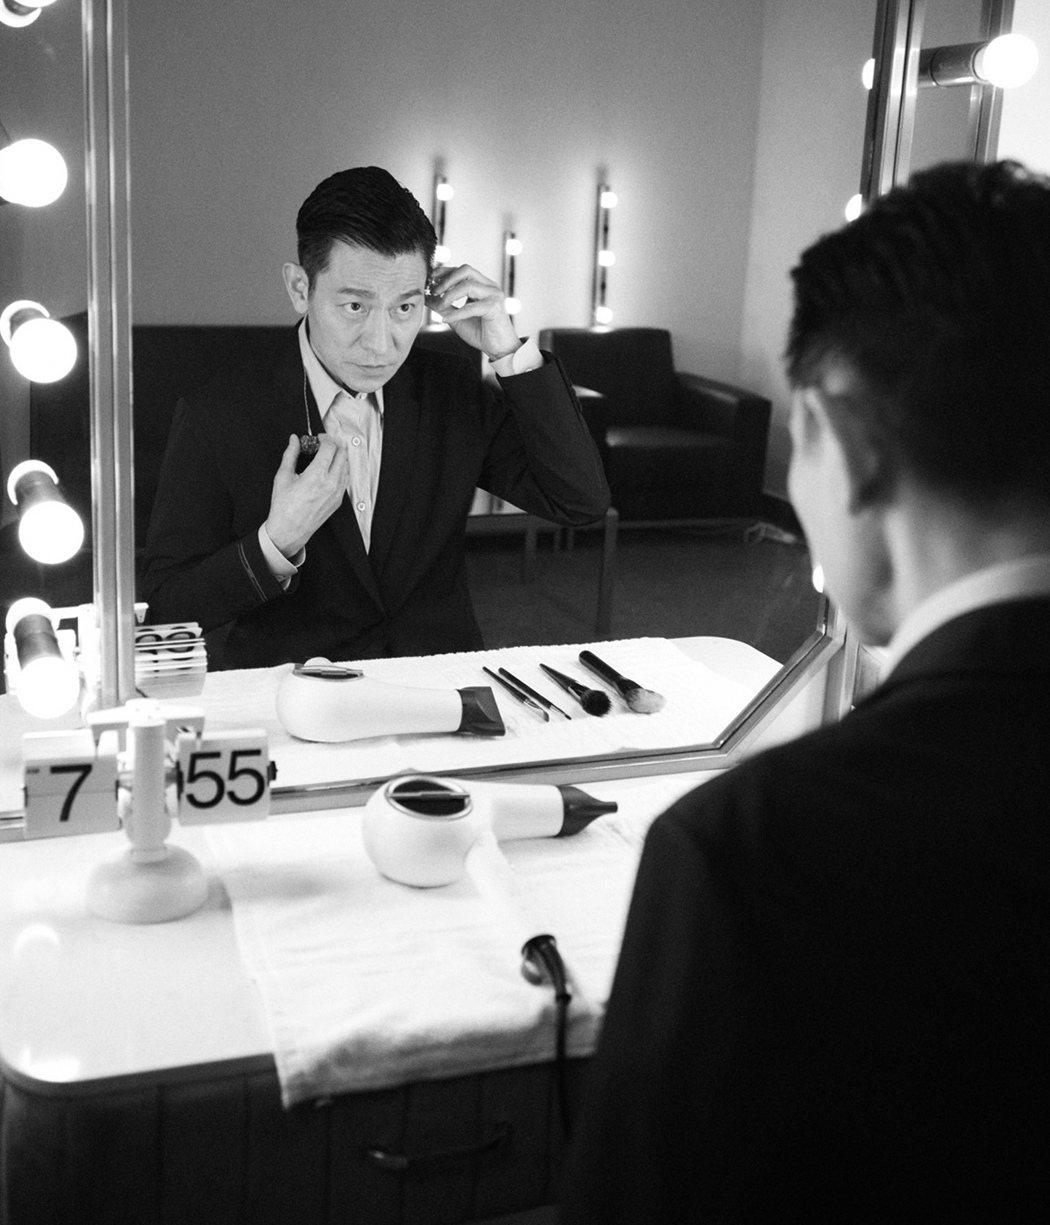 劉德華開心收「你比梁朝偉帥多了」稱讚。圖/台灣映藝提供